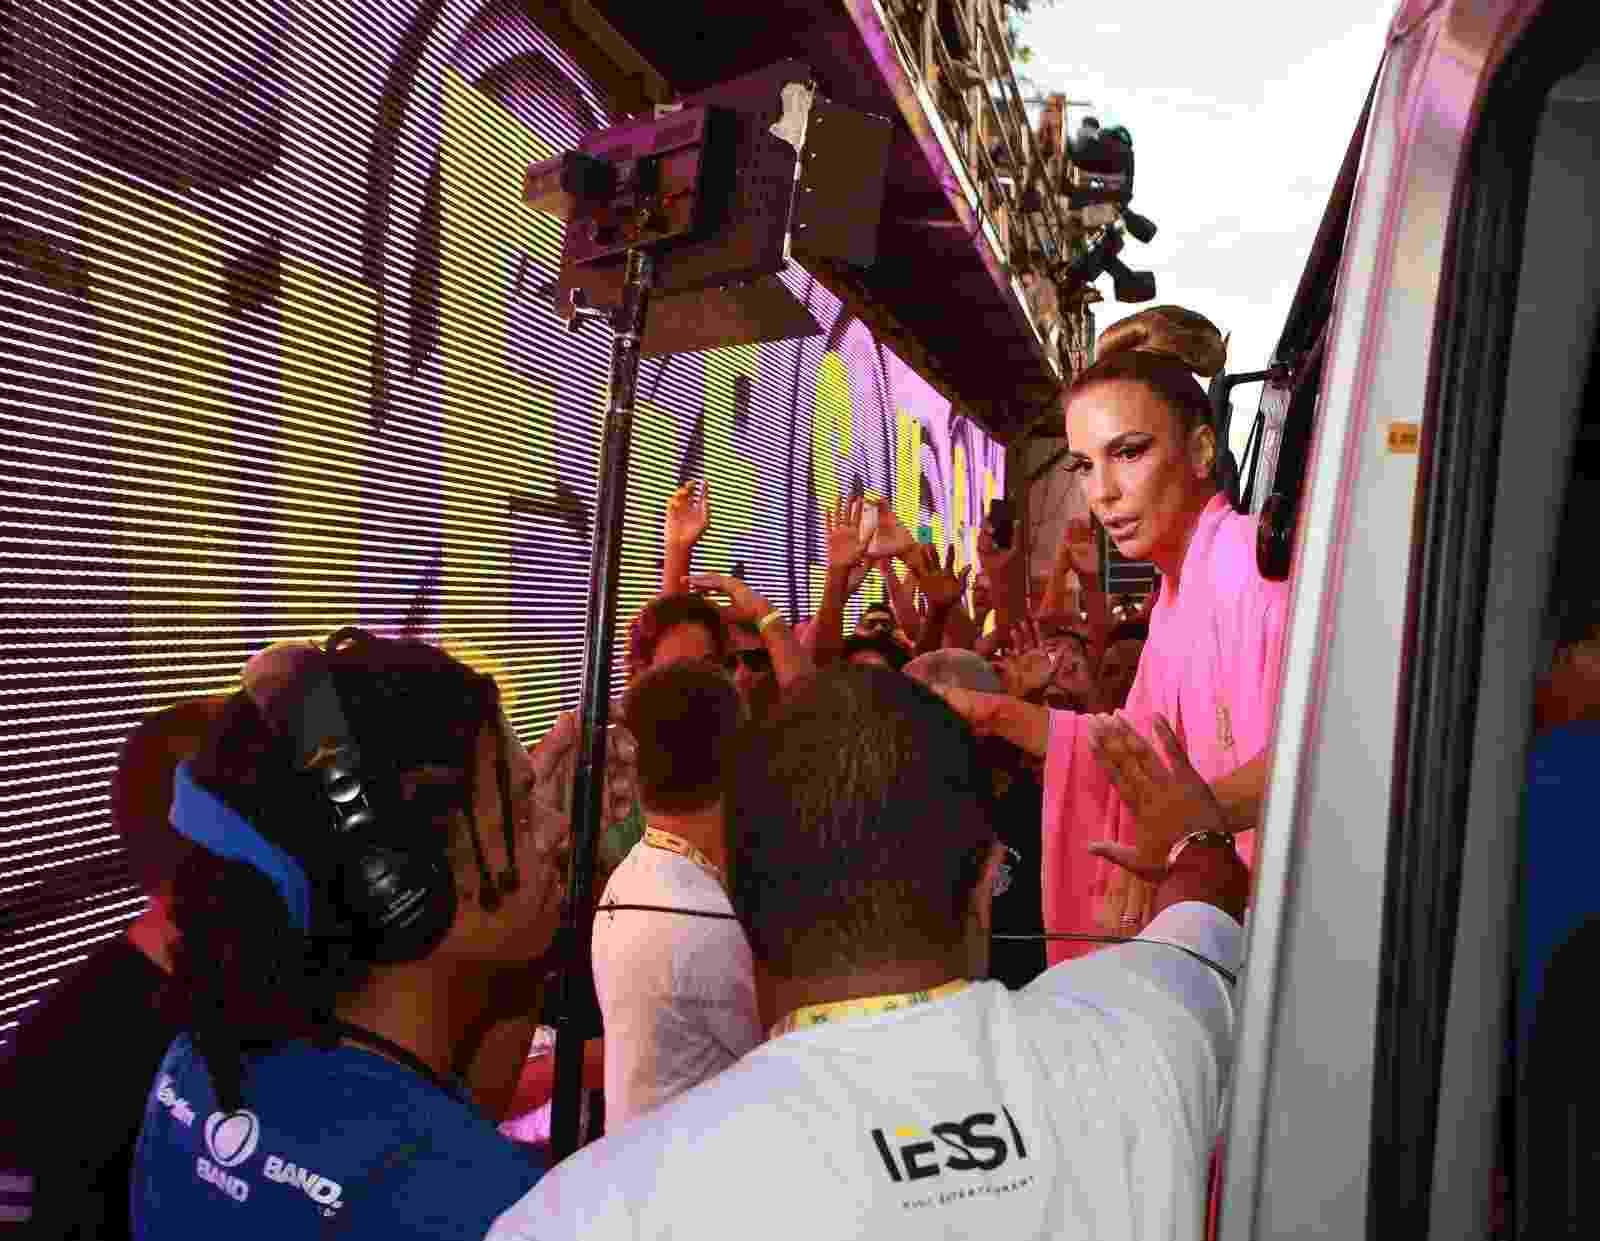 Ivete Sangalo chega para comandar trio no Circuito Barra-Ondina, no Carnaval de Salvador - Dilson SIlva/AgNews